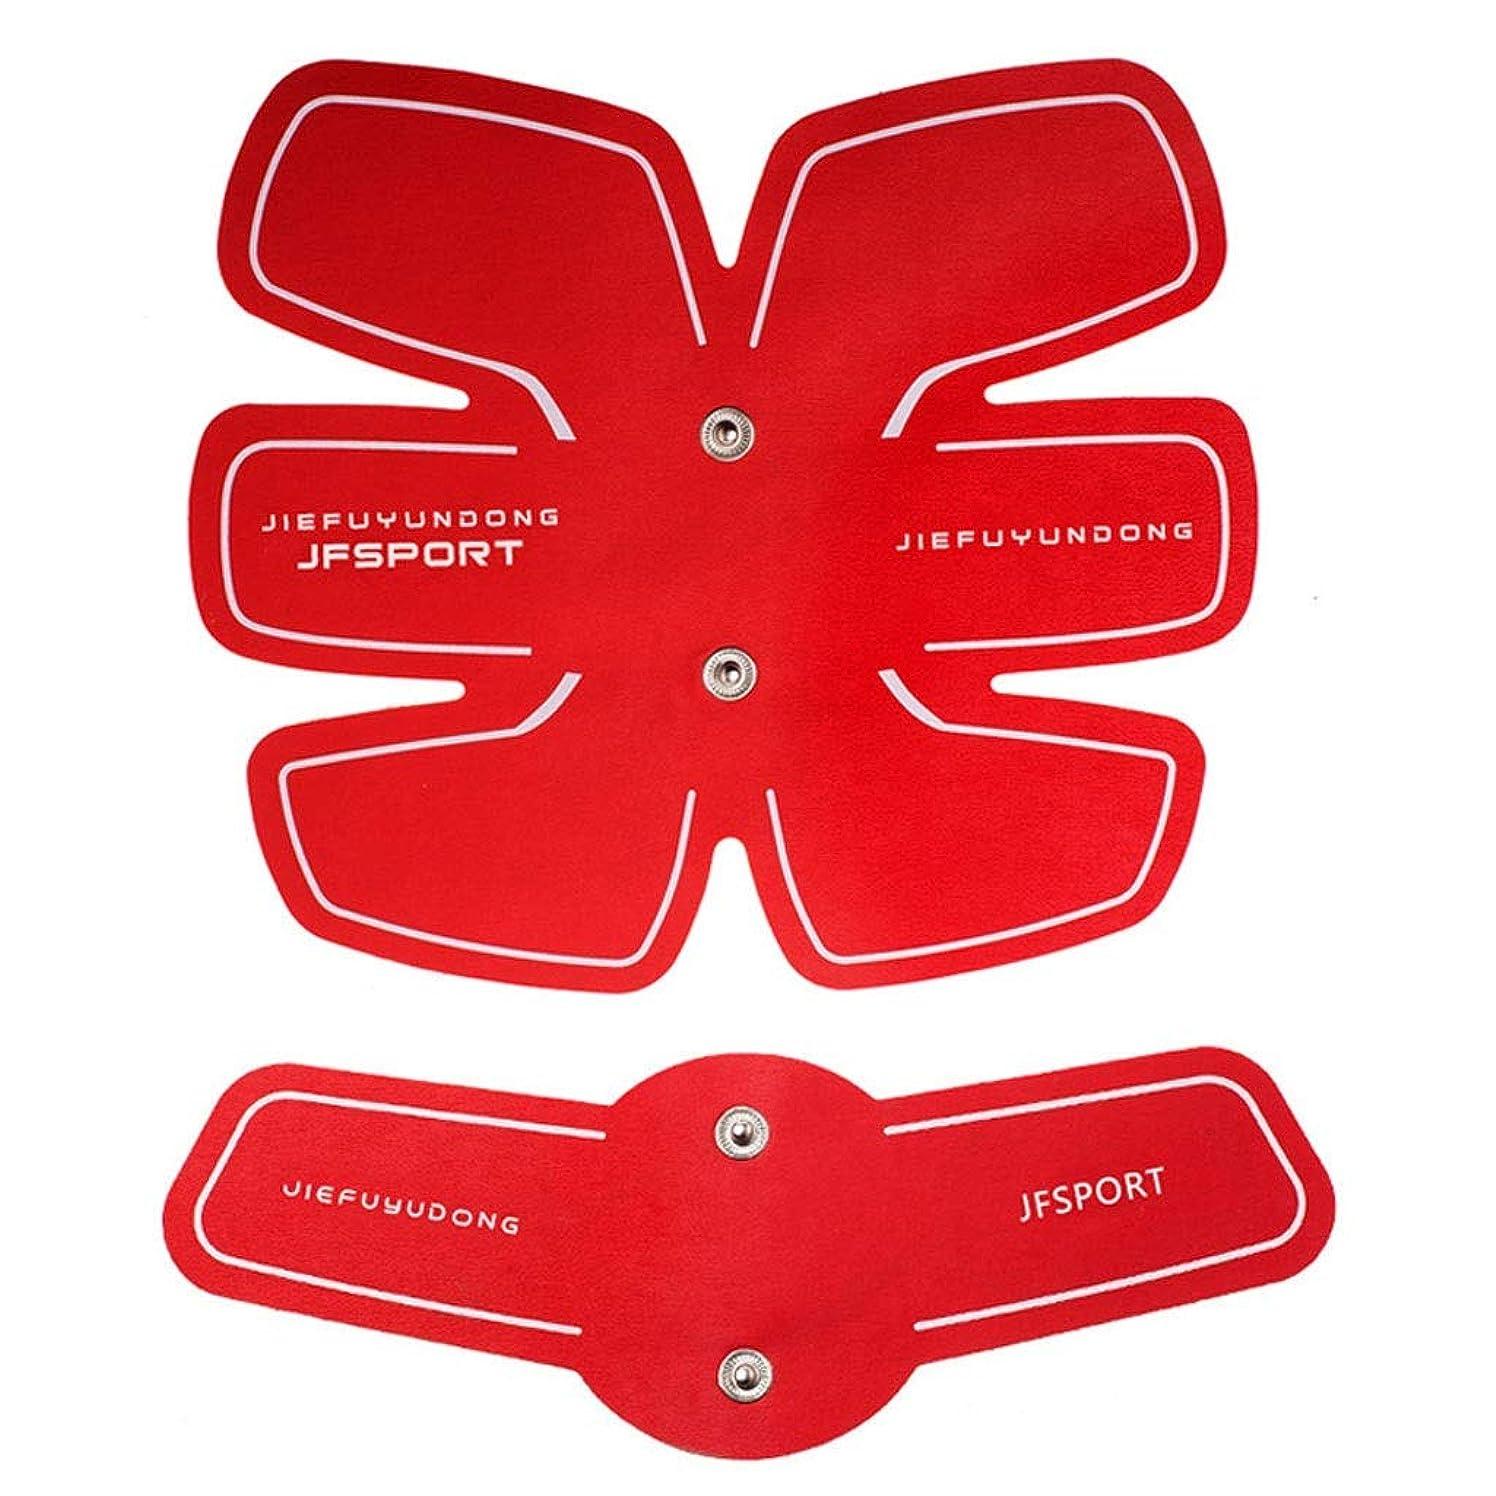 アクセス本故意にEms筋肉刺激装置、腹筋トレーナー腹筋トナー腹筋トレーナーフィットネストレーニングギアabsフィット重量筋肉トレーニング調色ジムトレーニングマシン (Color : Red, Size : A+B)